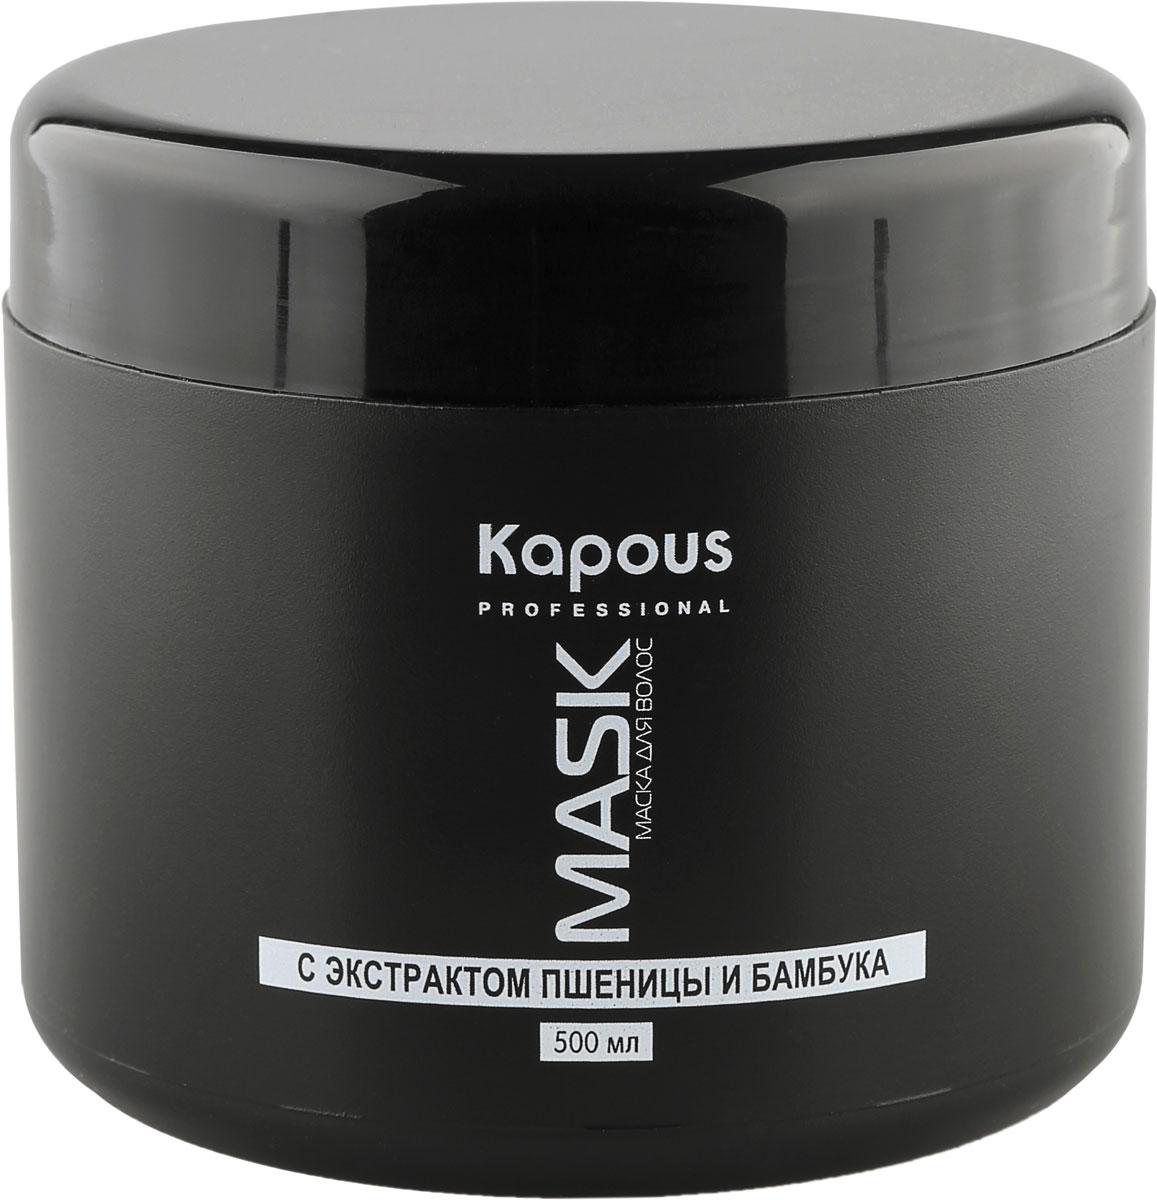 KAPOUS Маска питательная с экстрактом пшеницы и бамбука для волос / Caring Line 500 мл - Маски